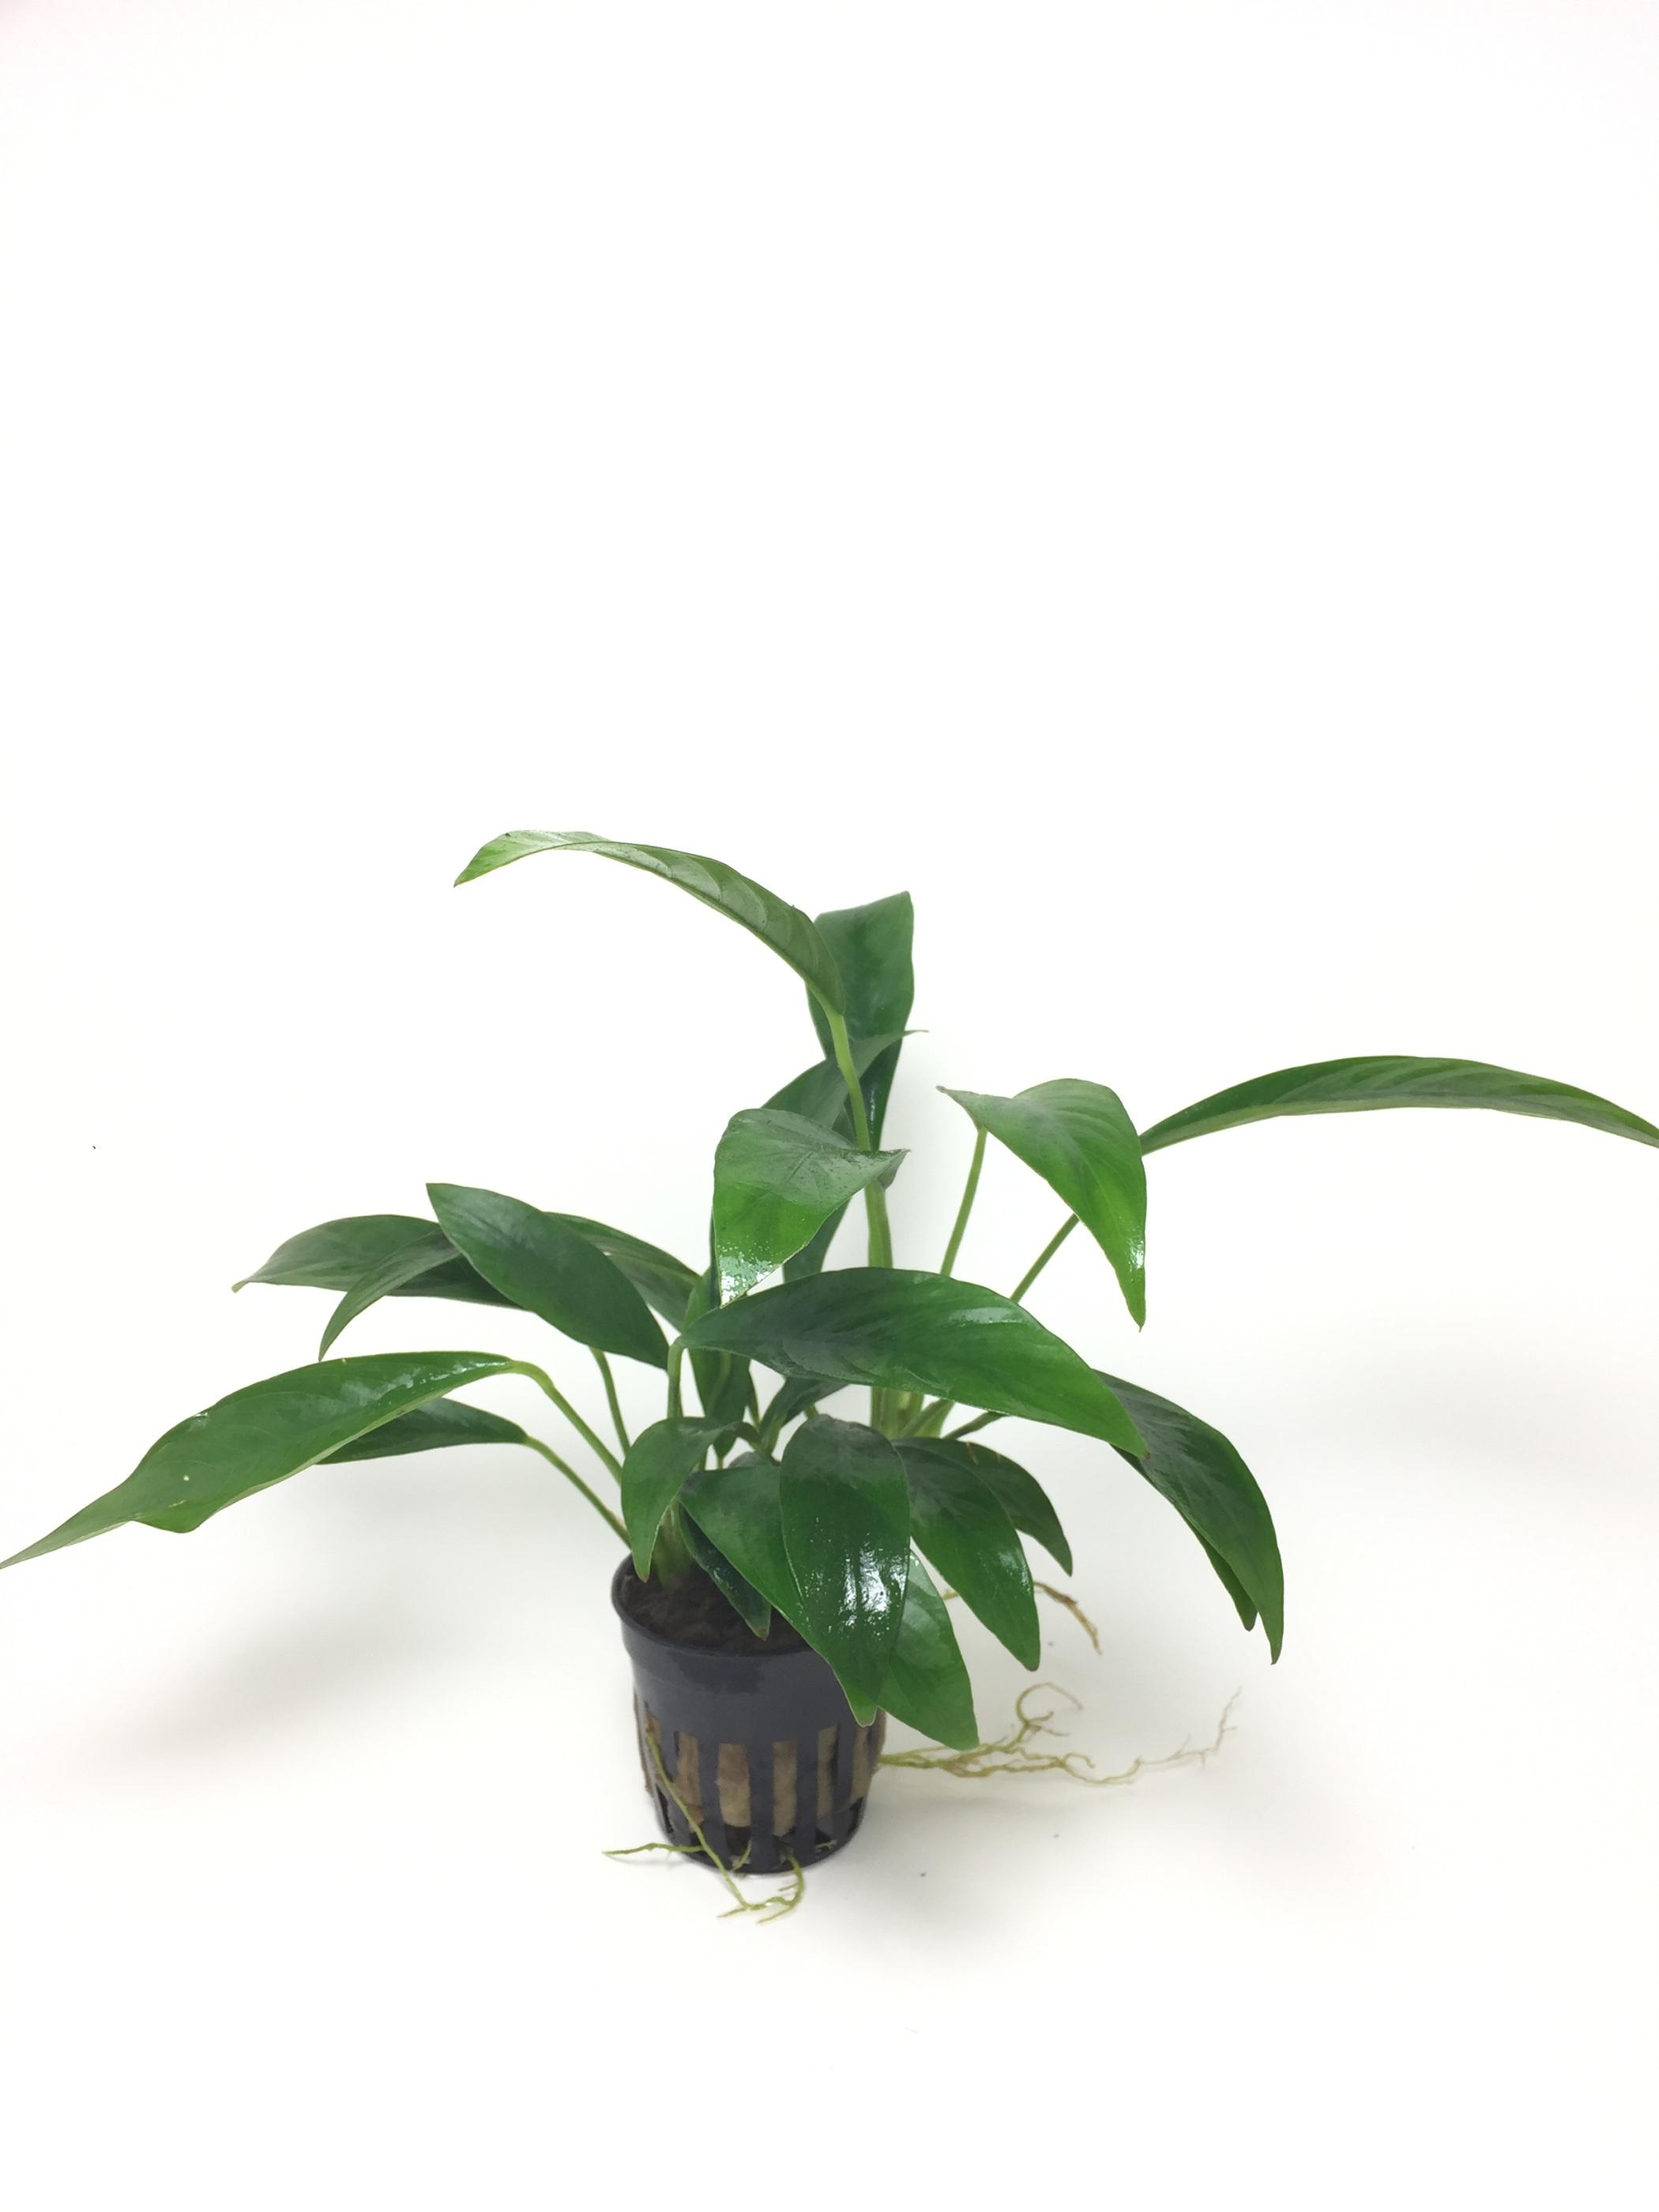 Anubias congoensis